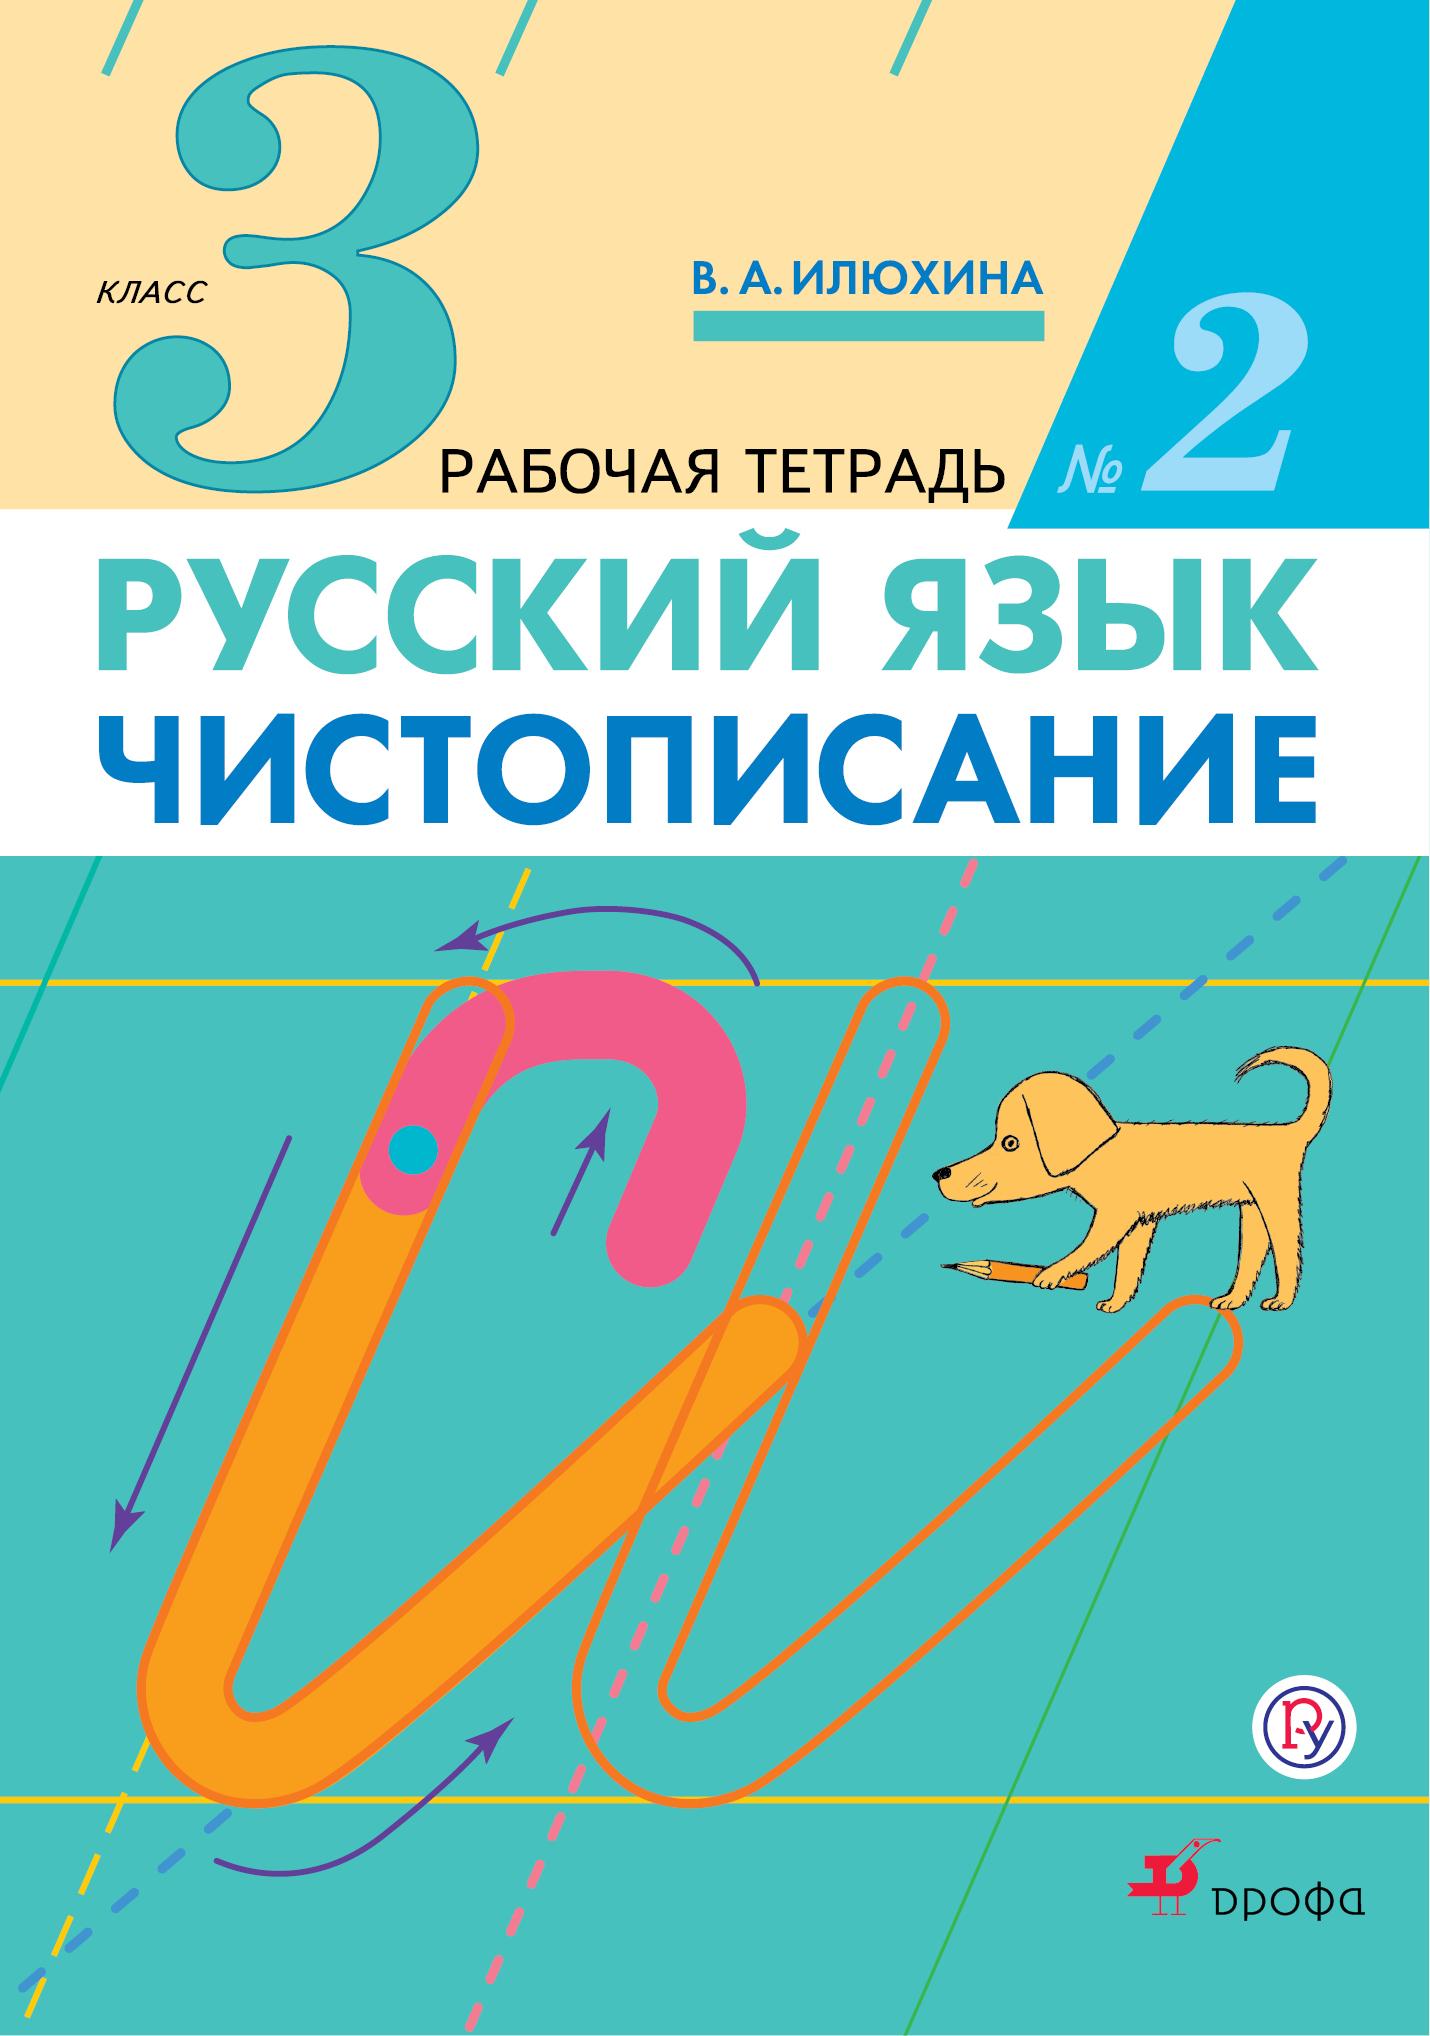 Русский язык. Чистописание. 3 класс. Рабочая тетрадь № 2 ( Илюхина В.А.  )